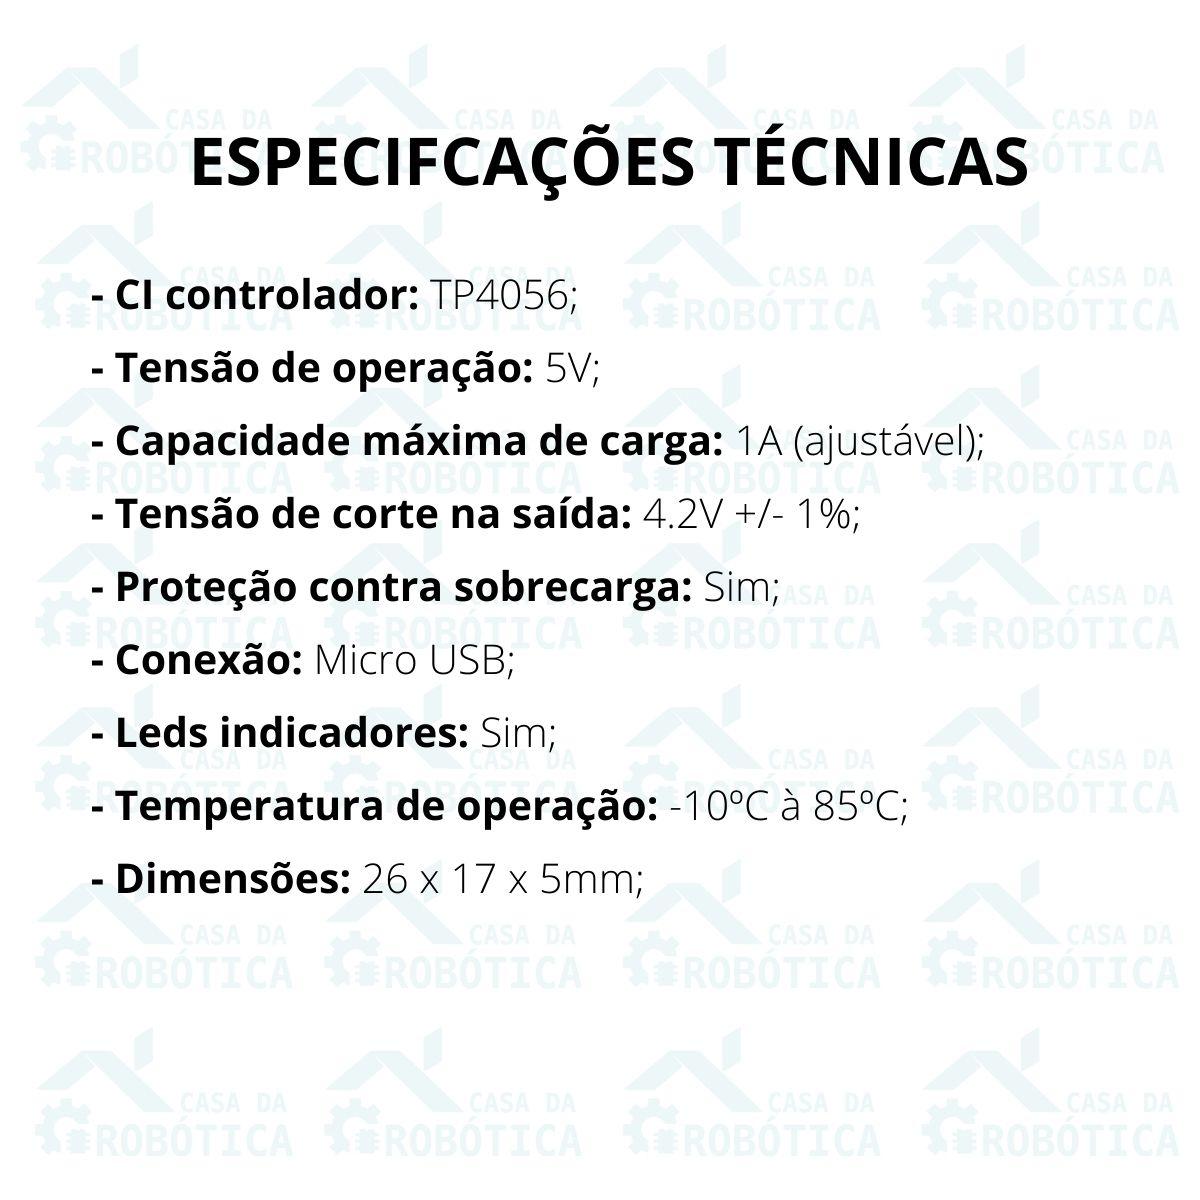 4x Módulo Carregador de Bateria Lítio TP4056 TC4056 com Proteção